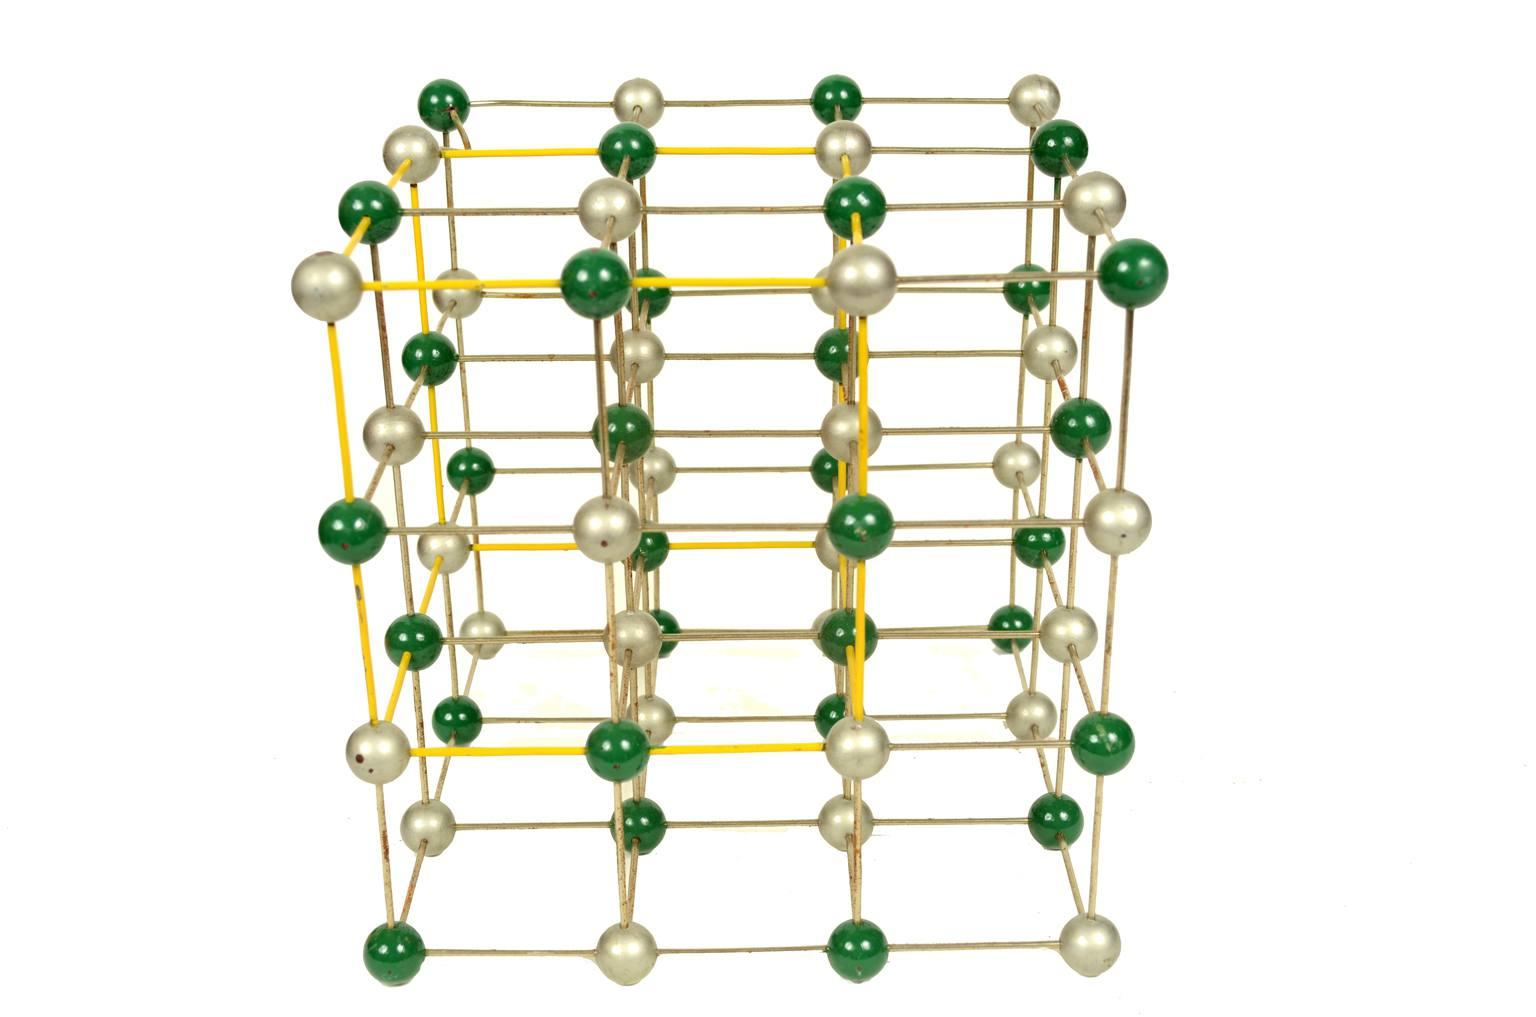 Storia naturale/4848-Struttura molecolare